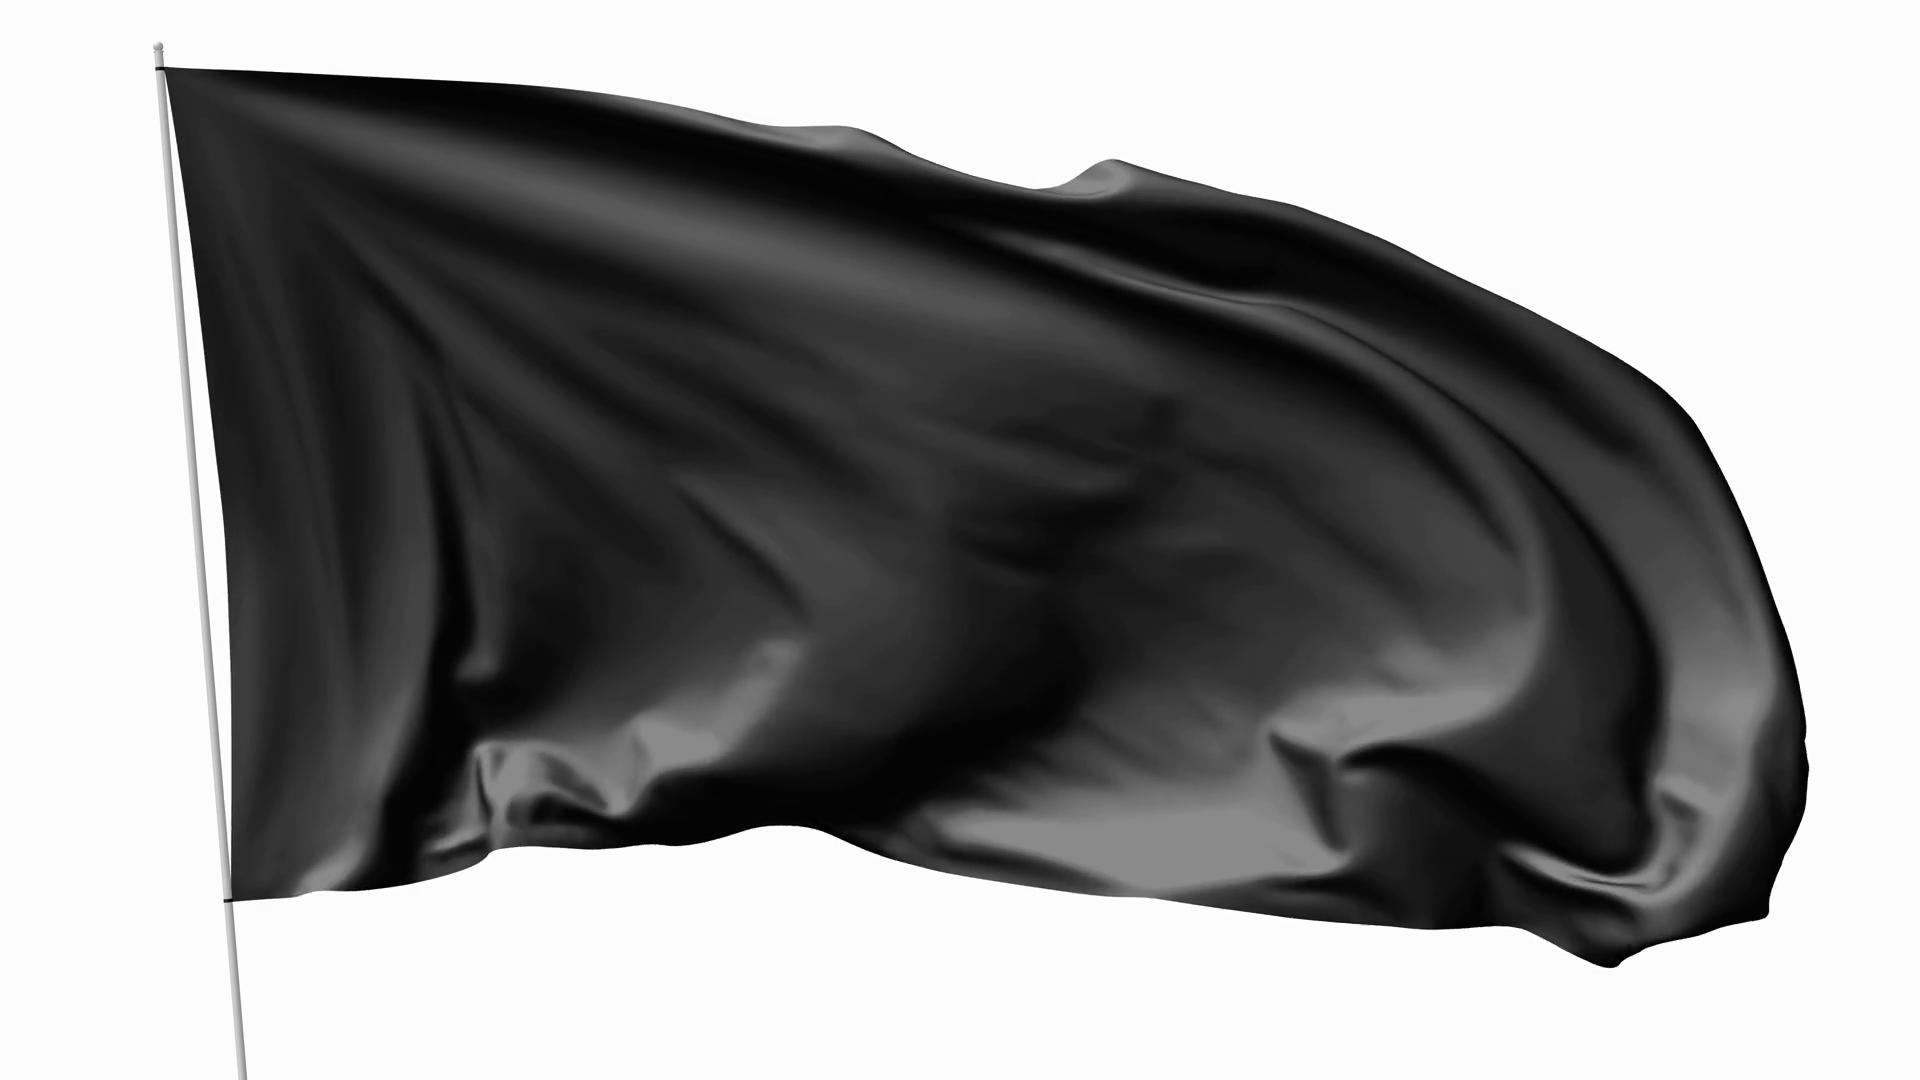 Black Flag PNG Image.